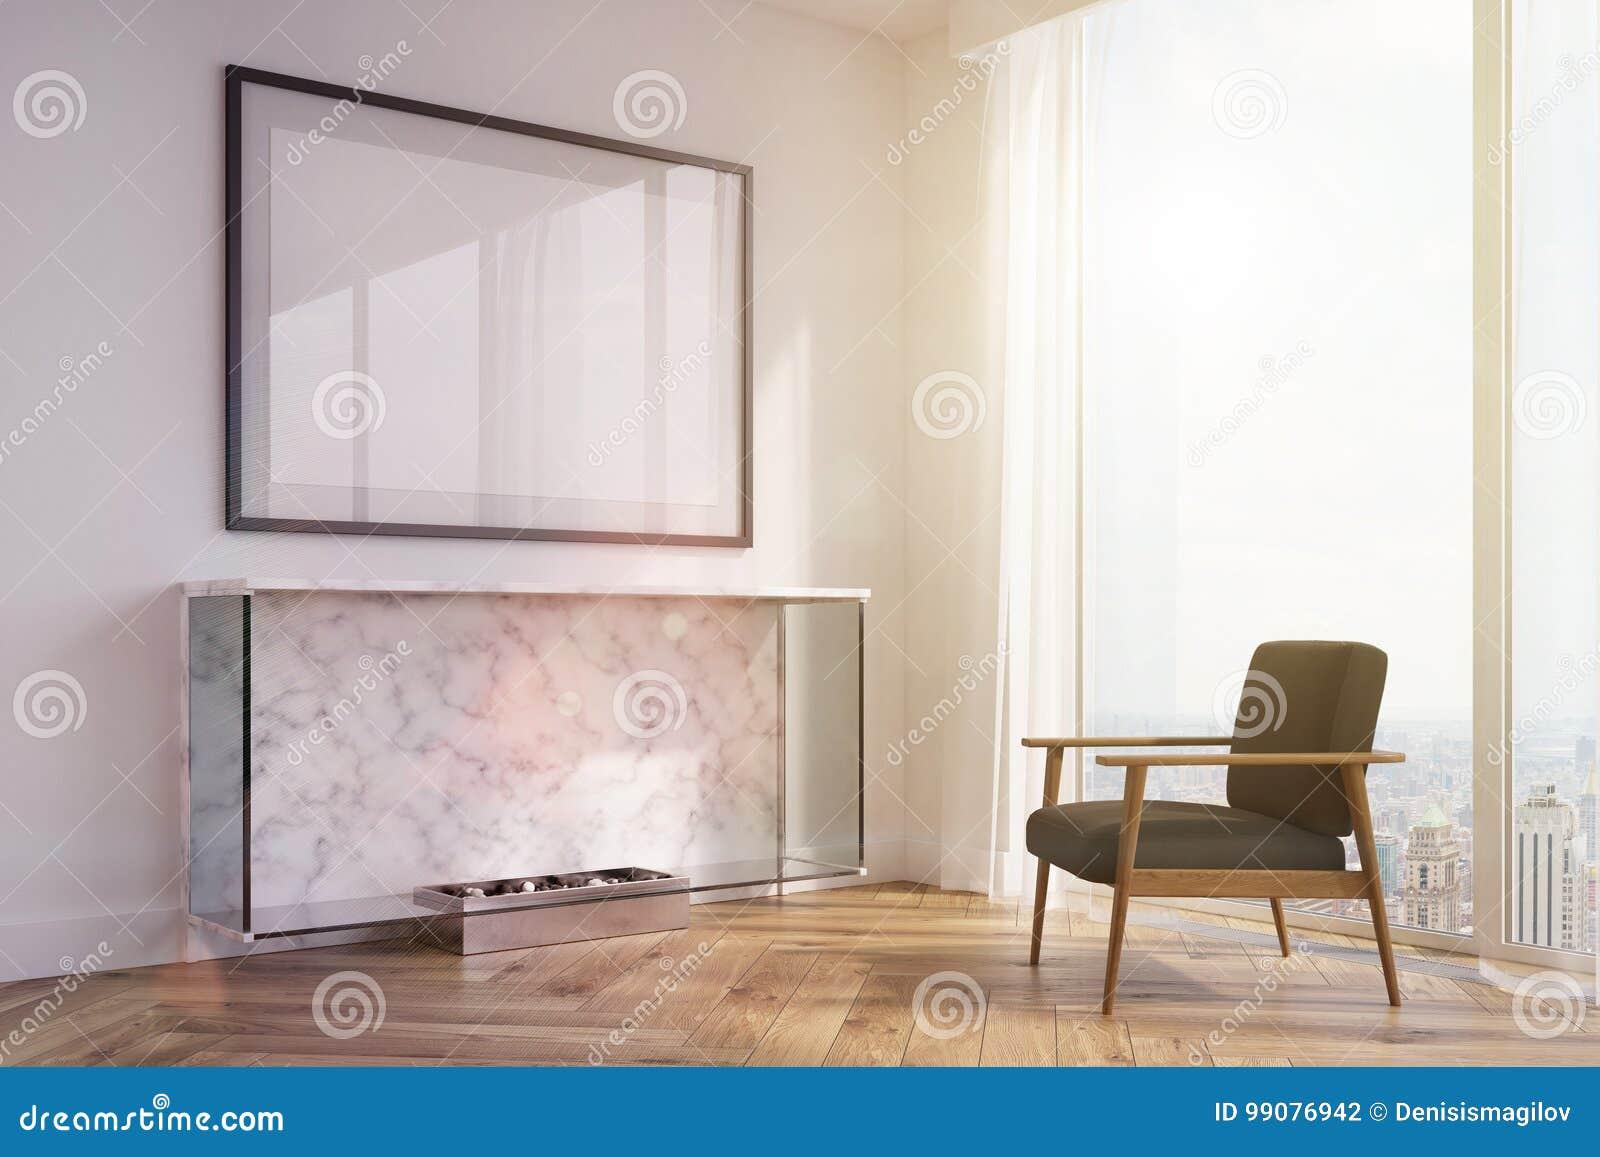 Camino Classico Bianco : Salone bianco camino poltrona nera tonificata illustrazione di